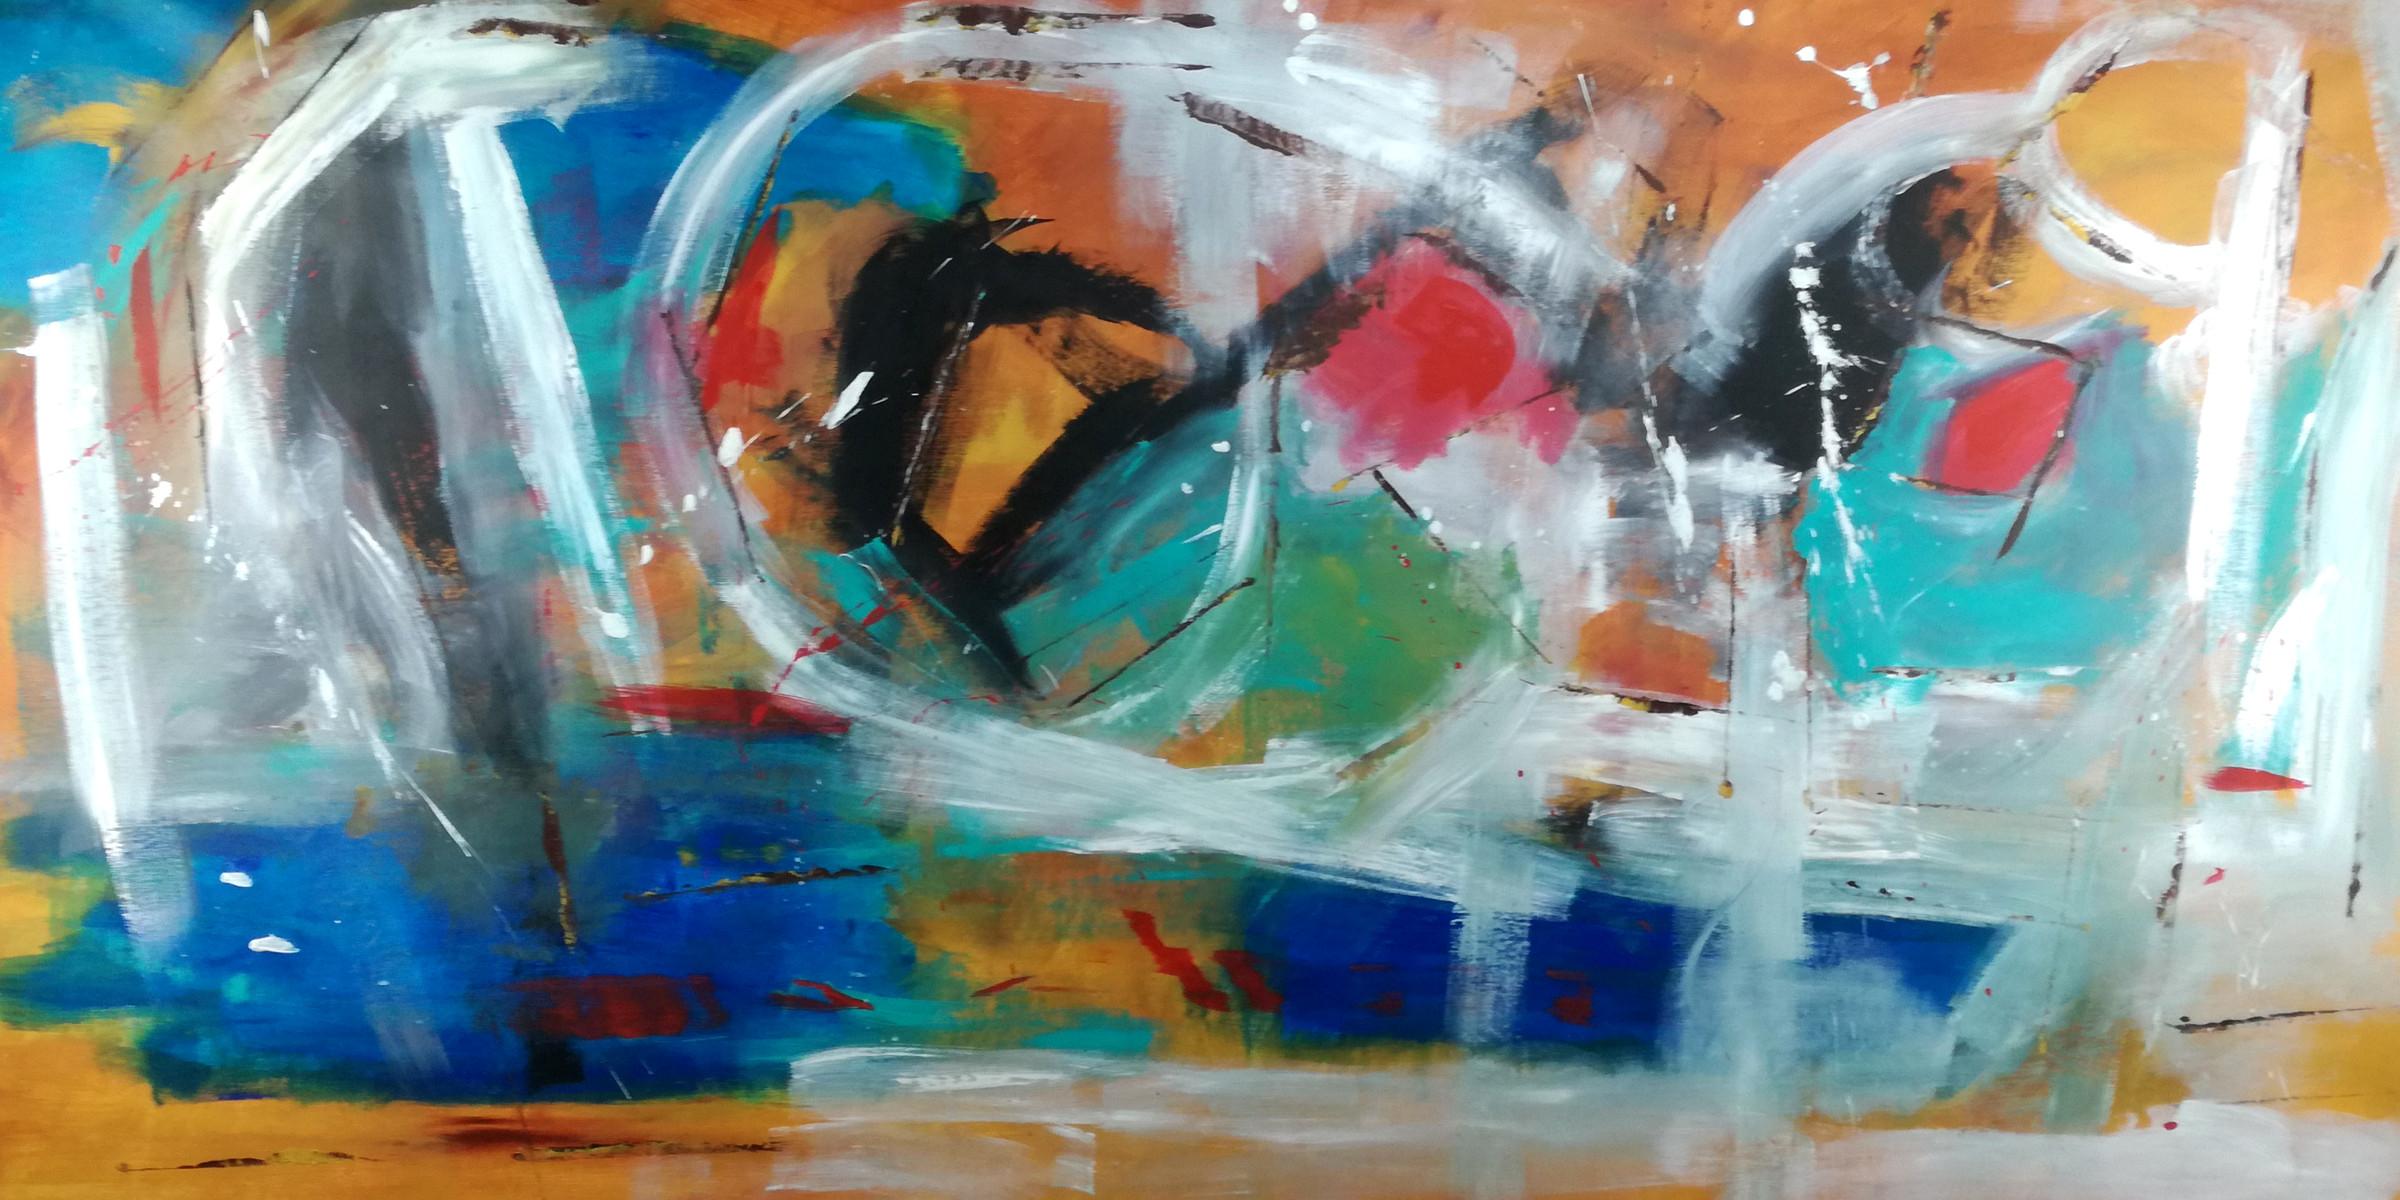 quadri astratti grandi su tela 200x100 | sauro bos